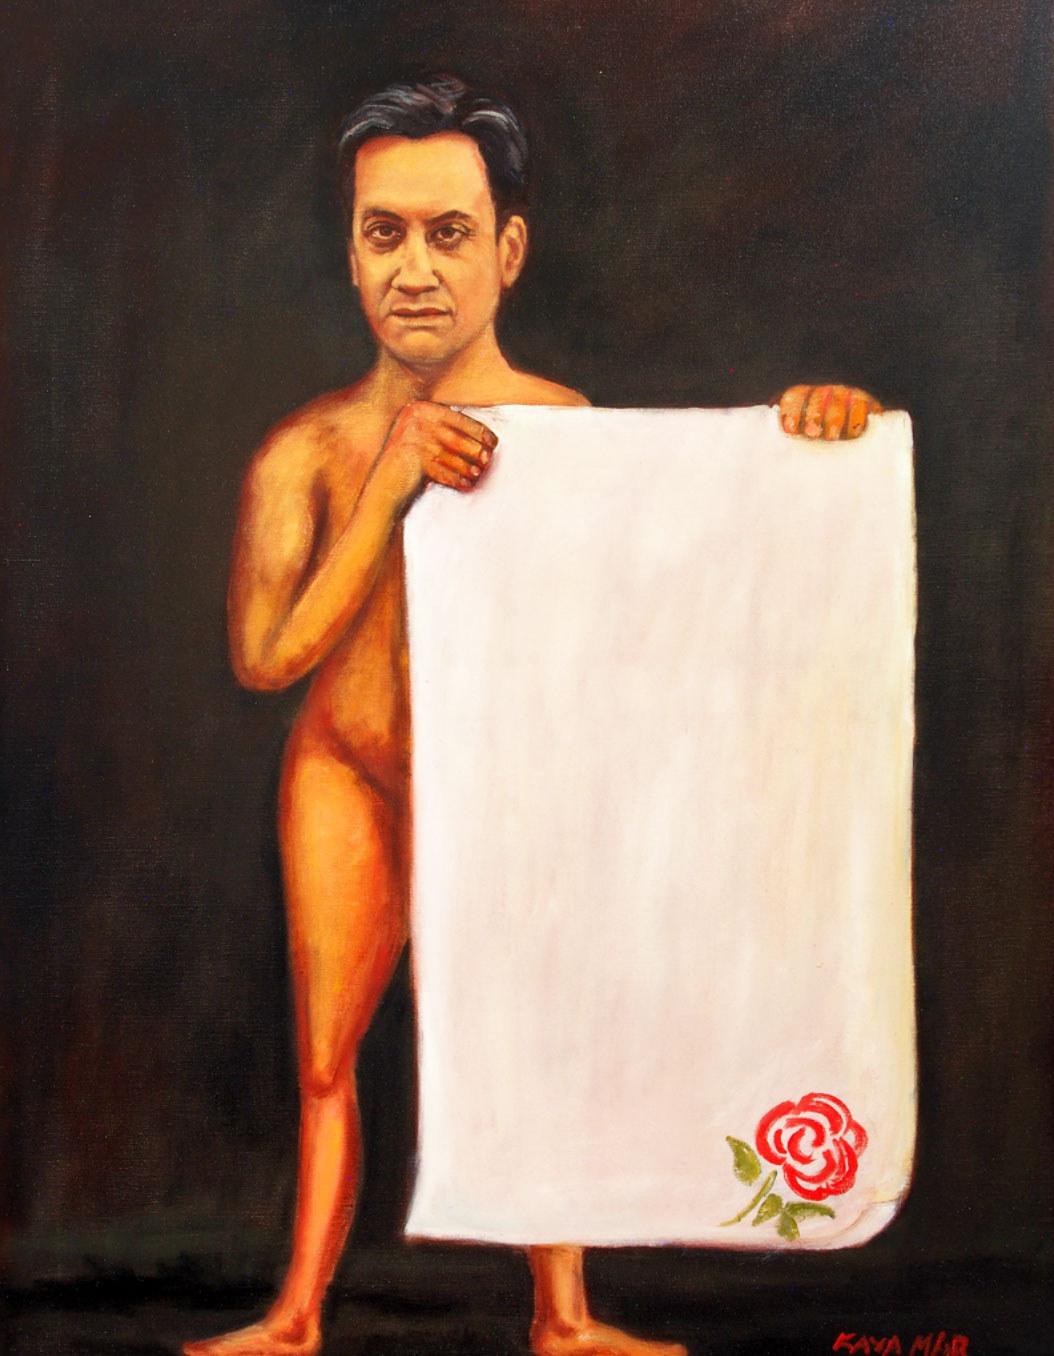 Naked men homemade sex toy